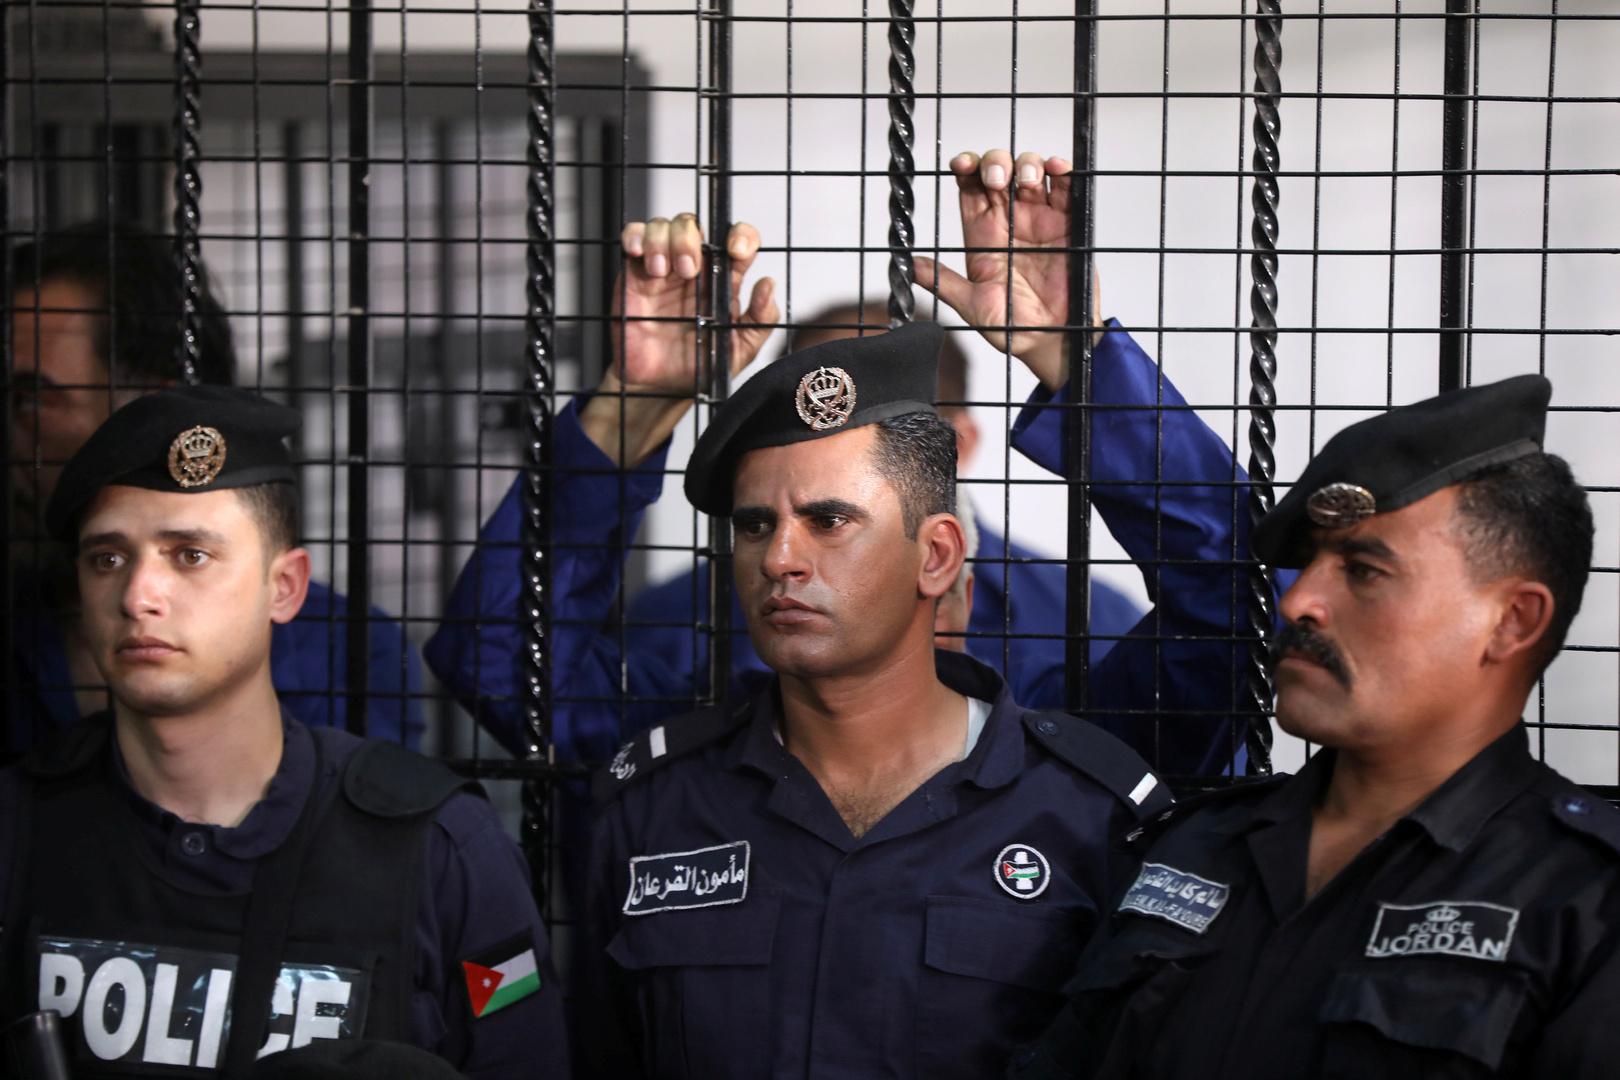 الأردن.. الحبس 4 أشهر للمتسلل الإسرائيلي